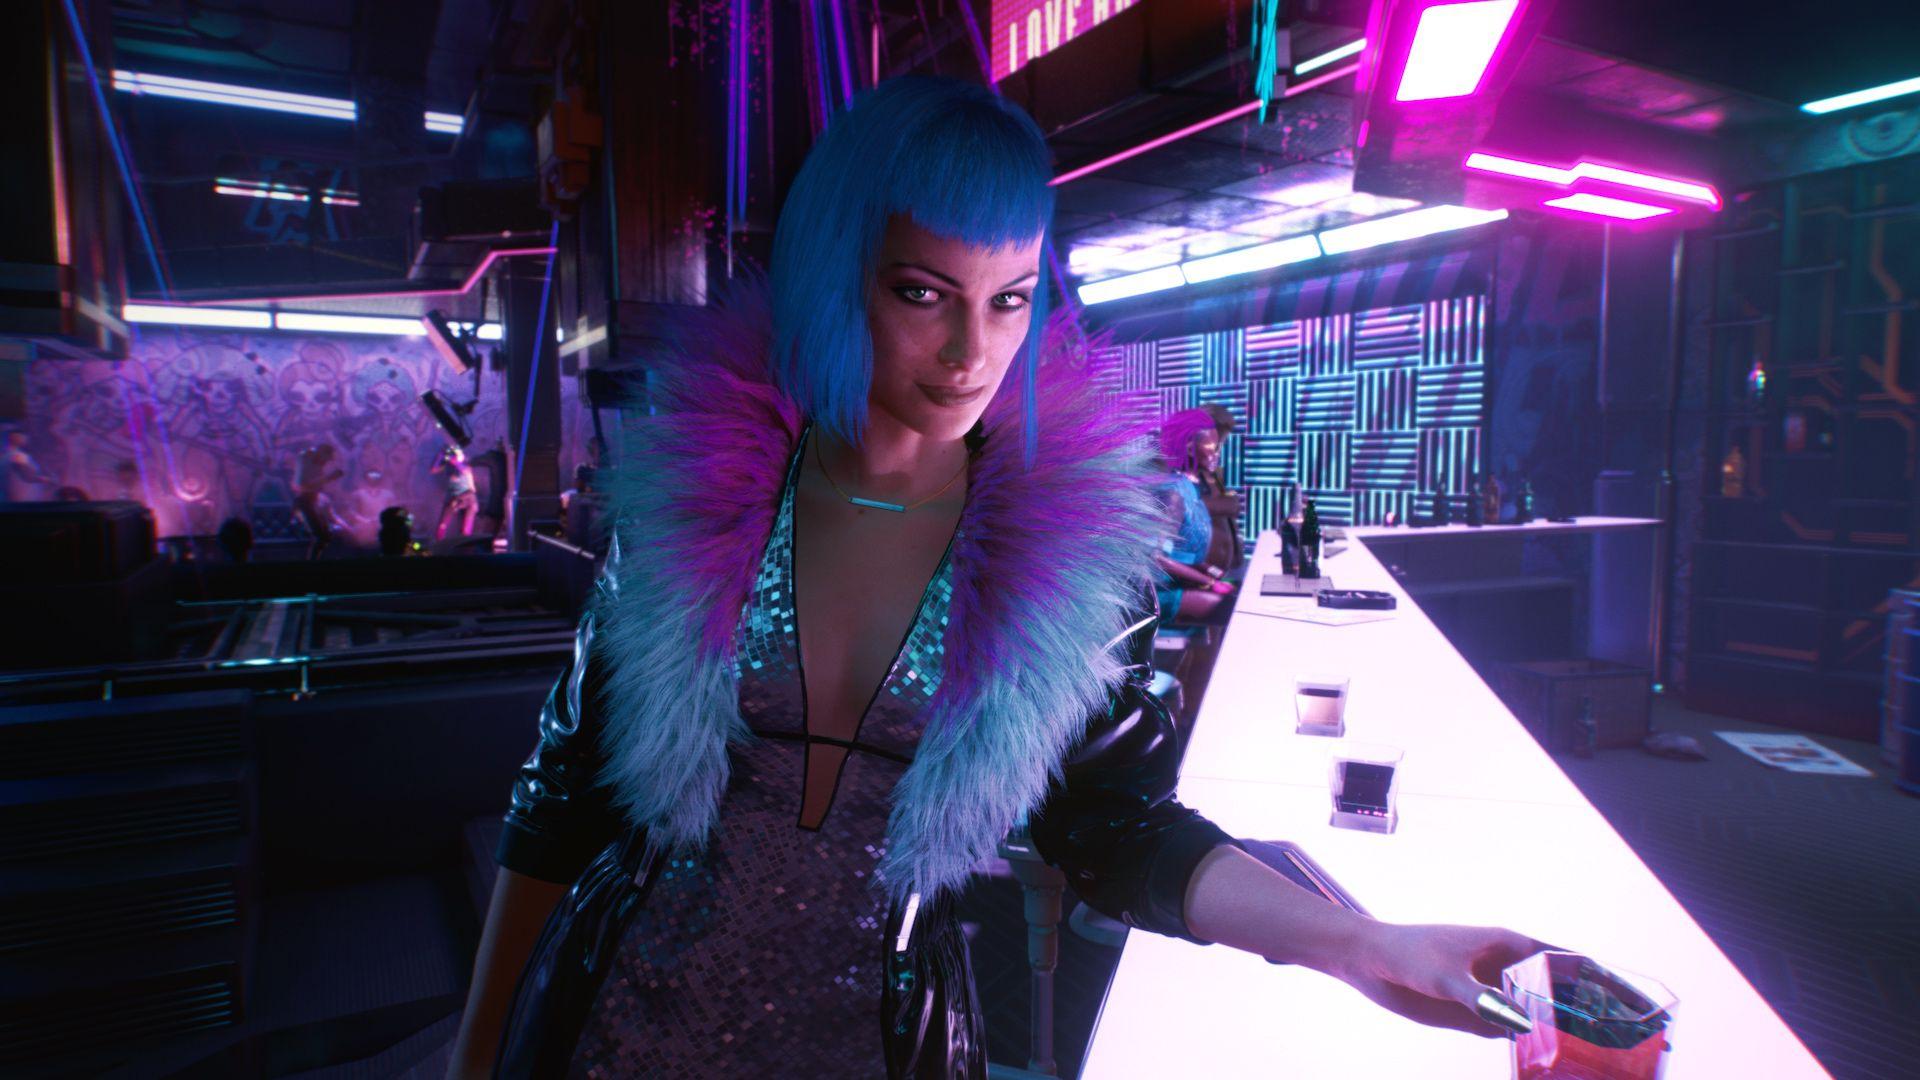 cyberpunk 2077 2662020 2